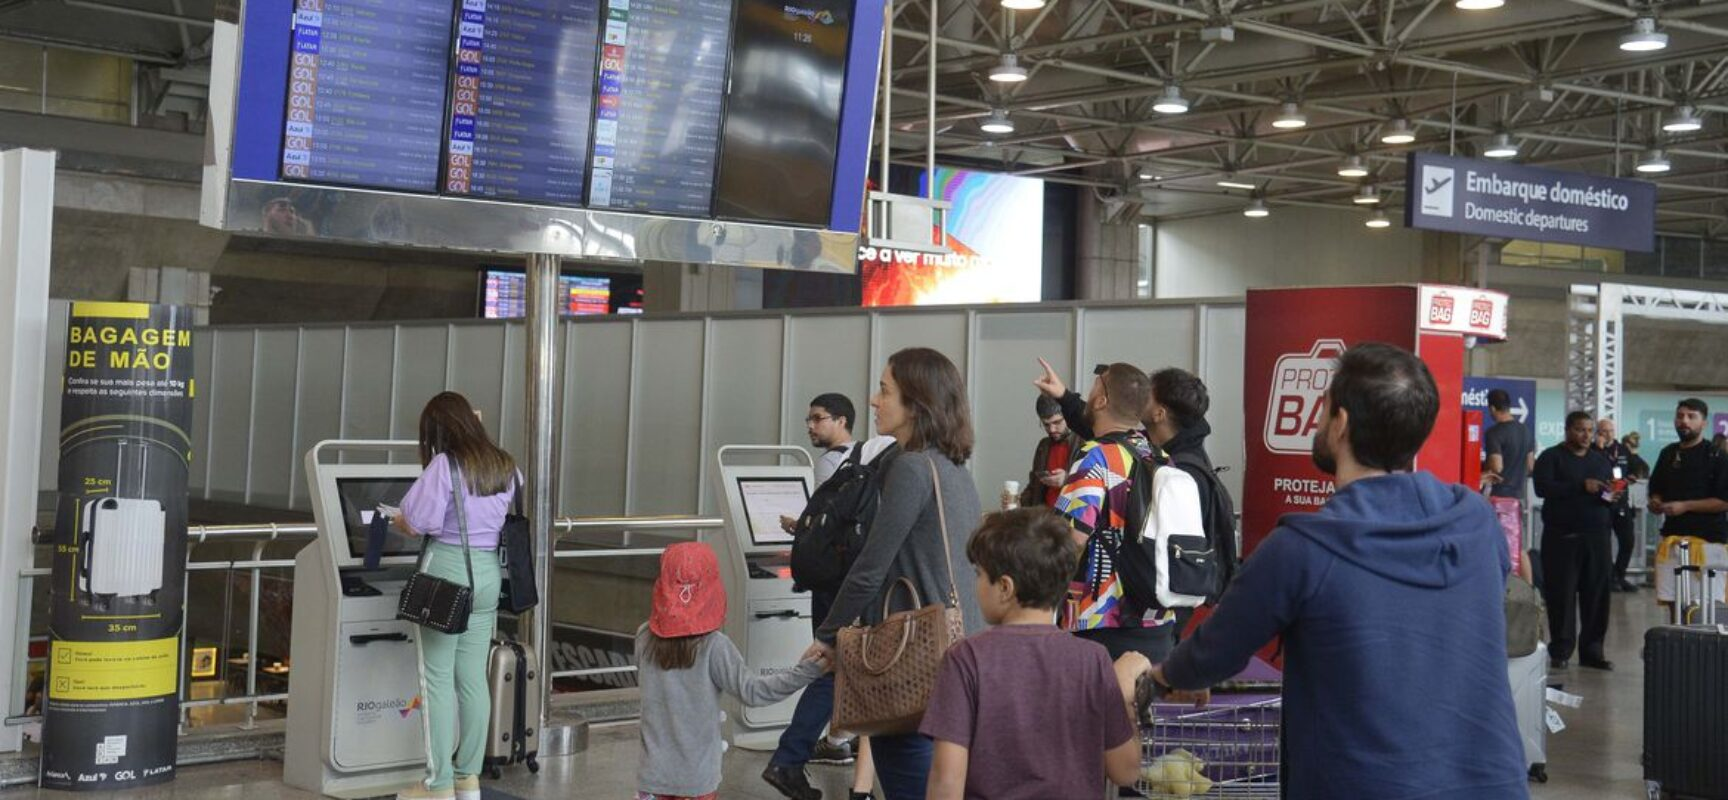 Juiz considera ilegal obrigação de isolamento de viajantes do Brasil